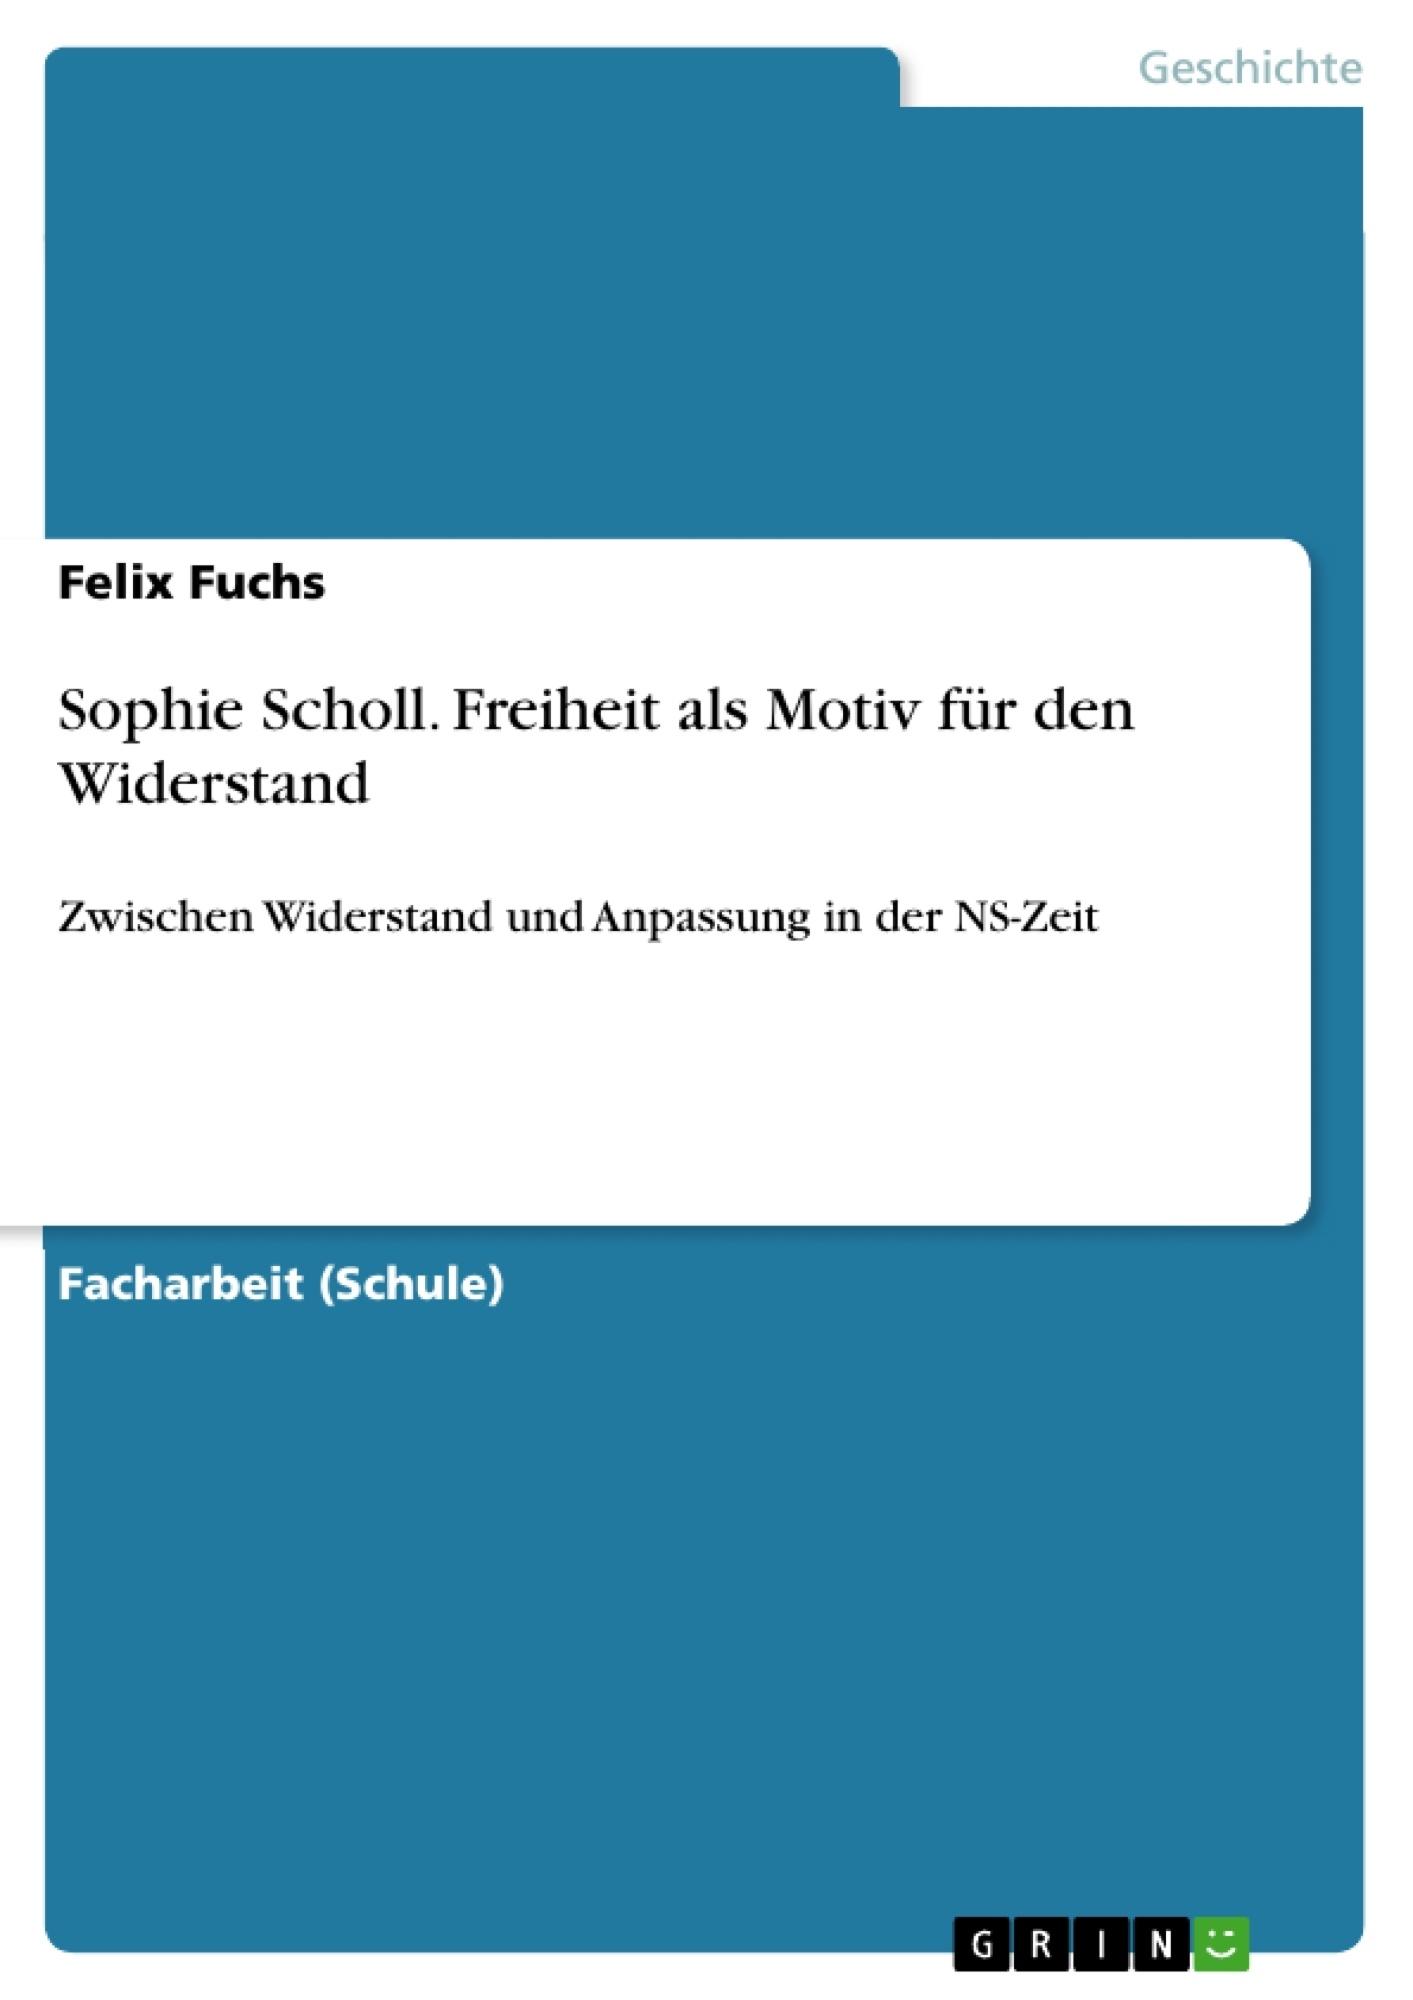 Titel: Sophie Scholl. Freiheit als Motiv für den Widerstand